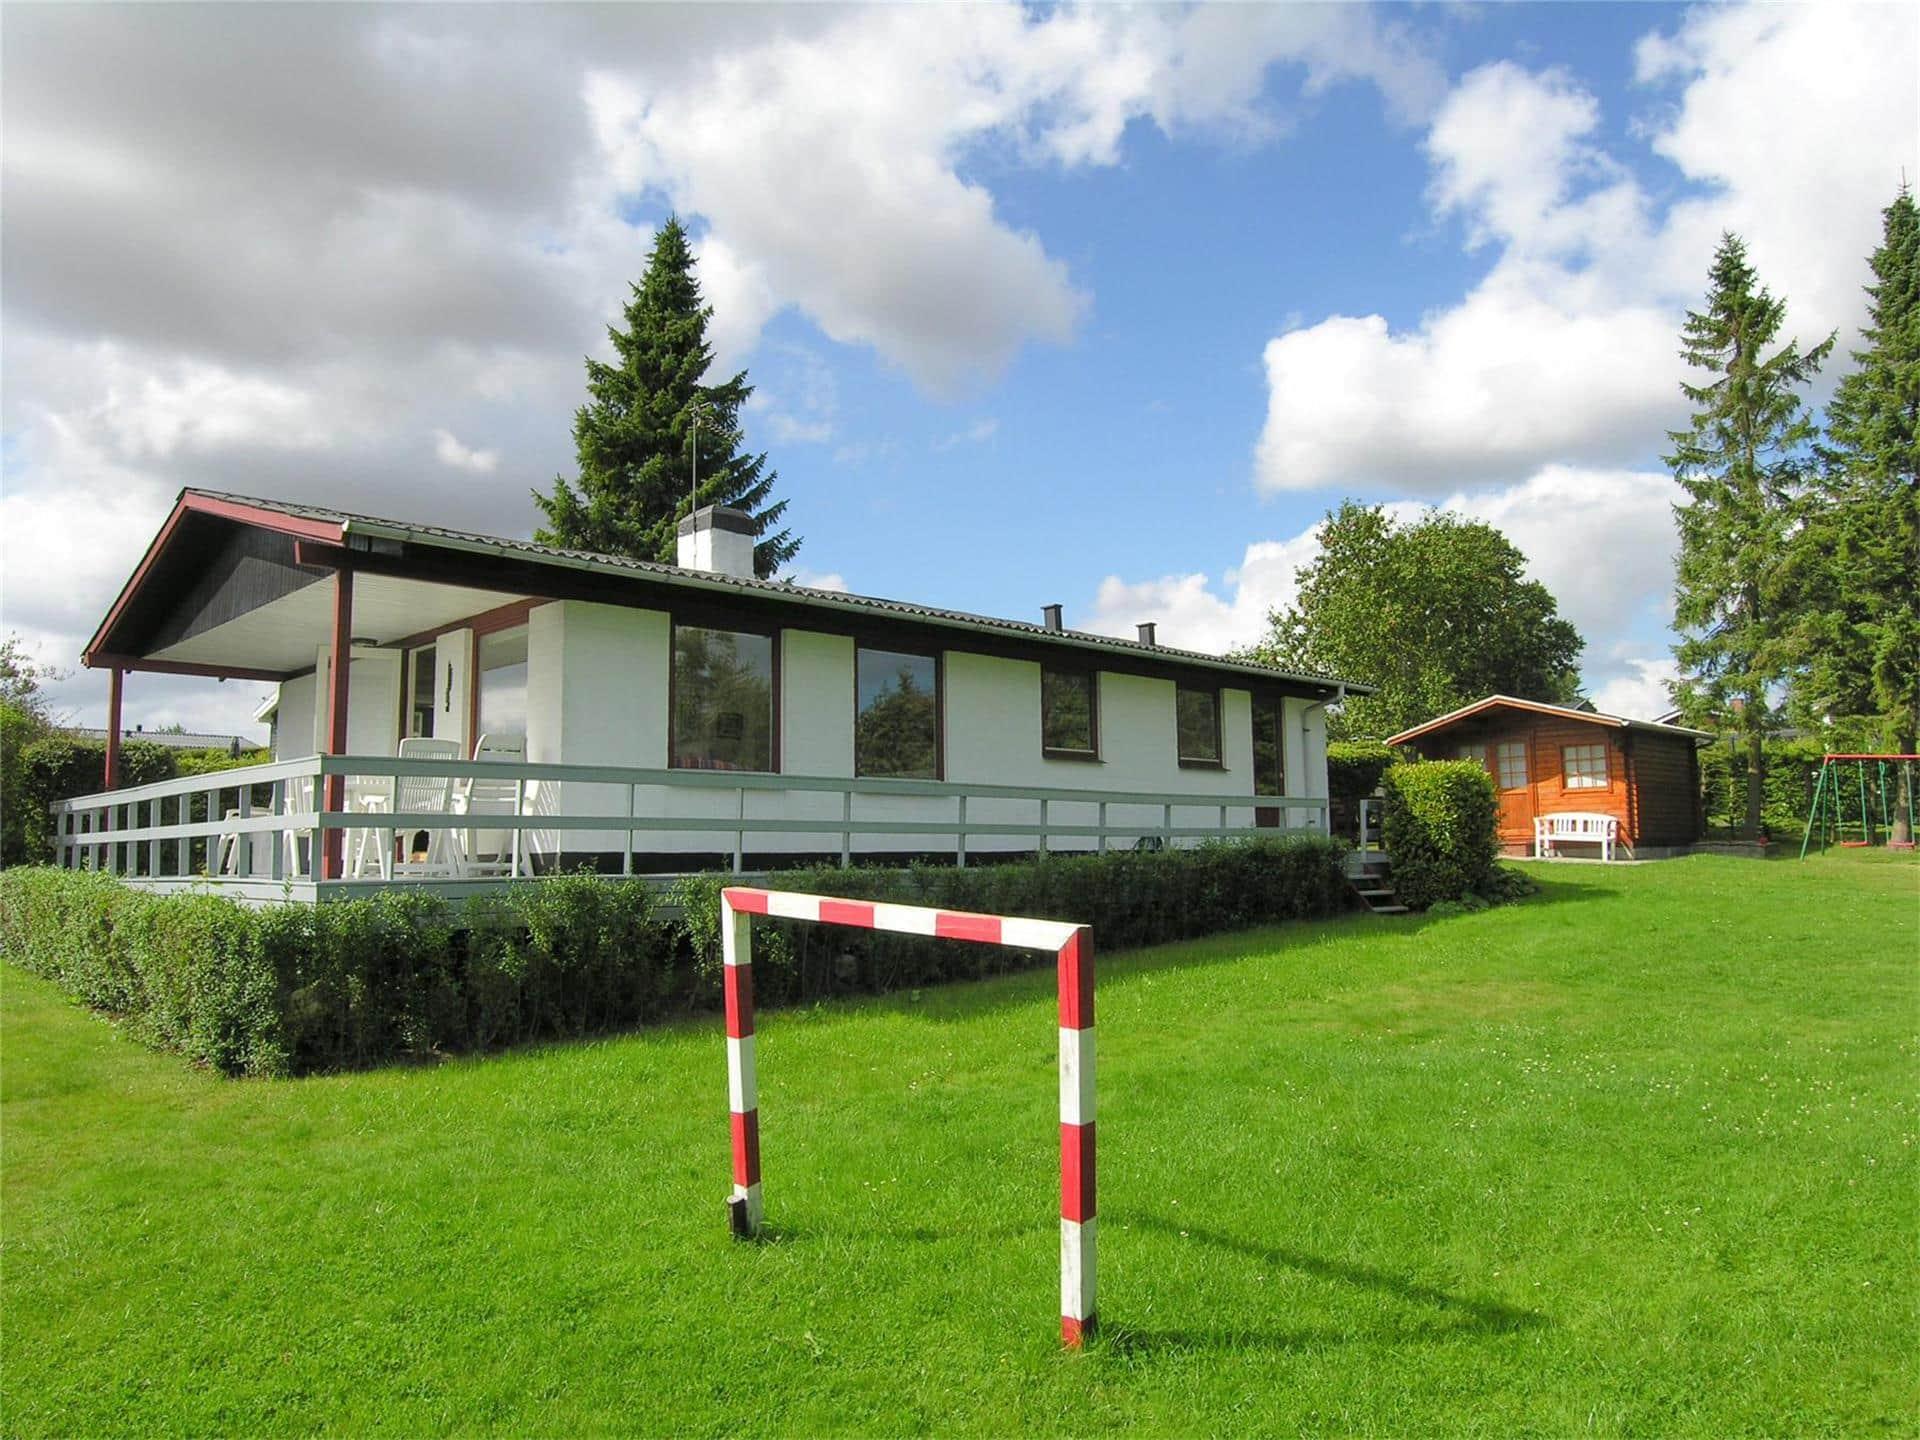 Bilde 1-19 Feirehus 30411, Ravnsager 3, DK - 8300 Odder